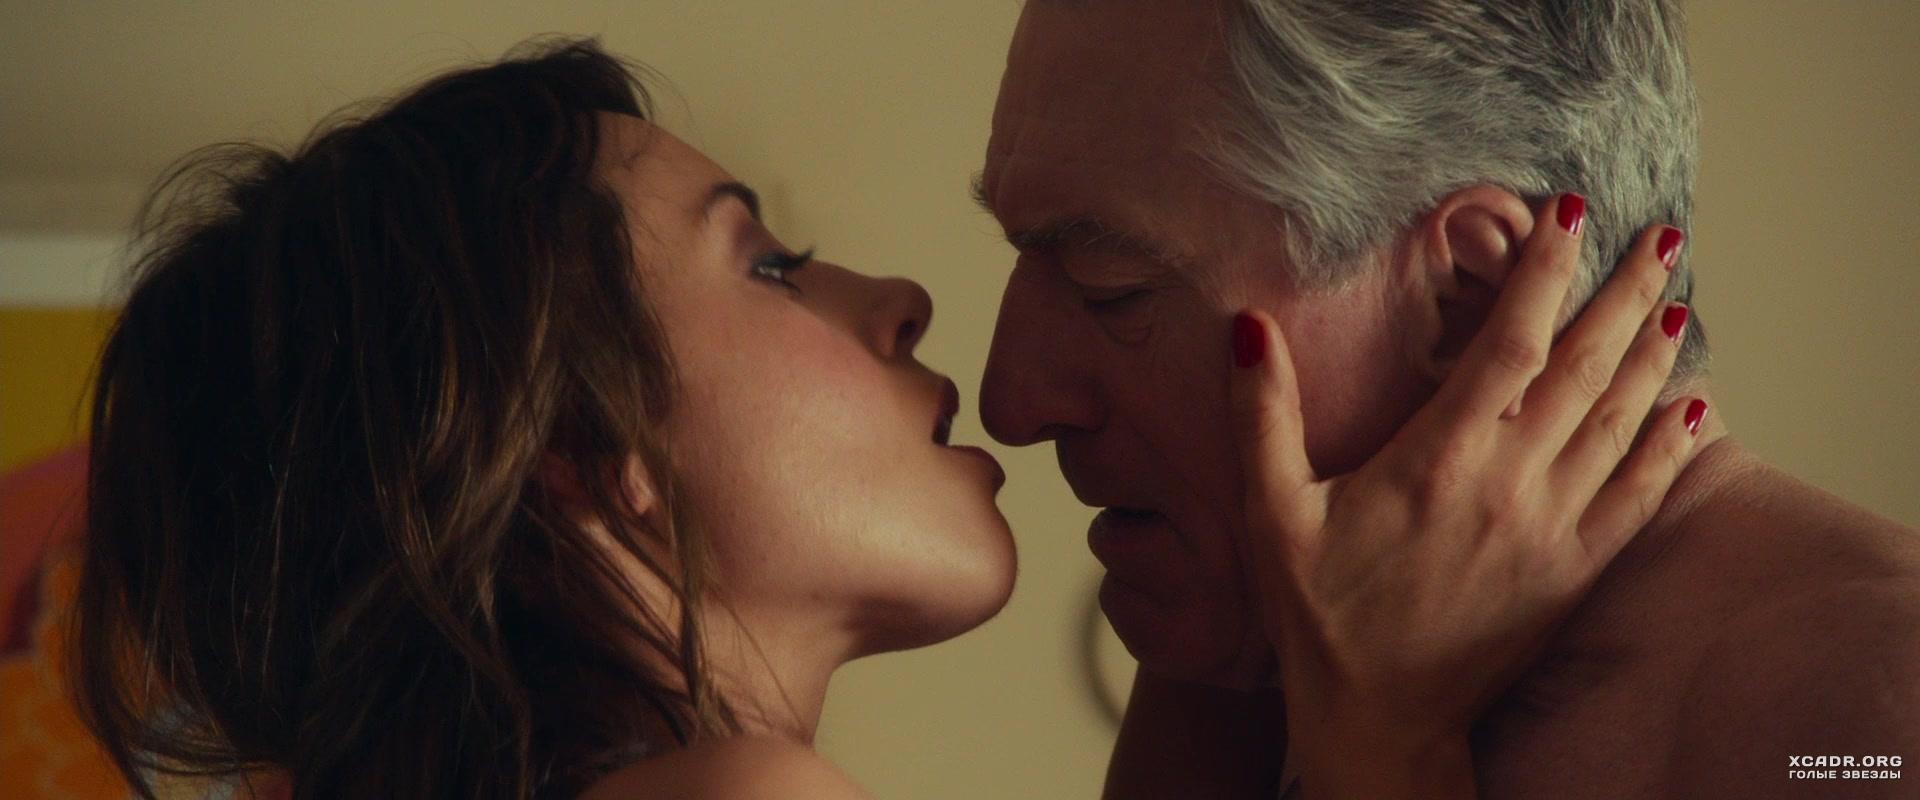 Смотреть фильм секс старик полезная